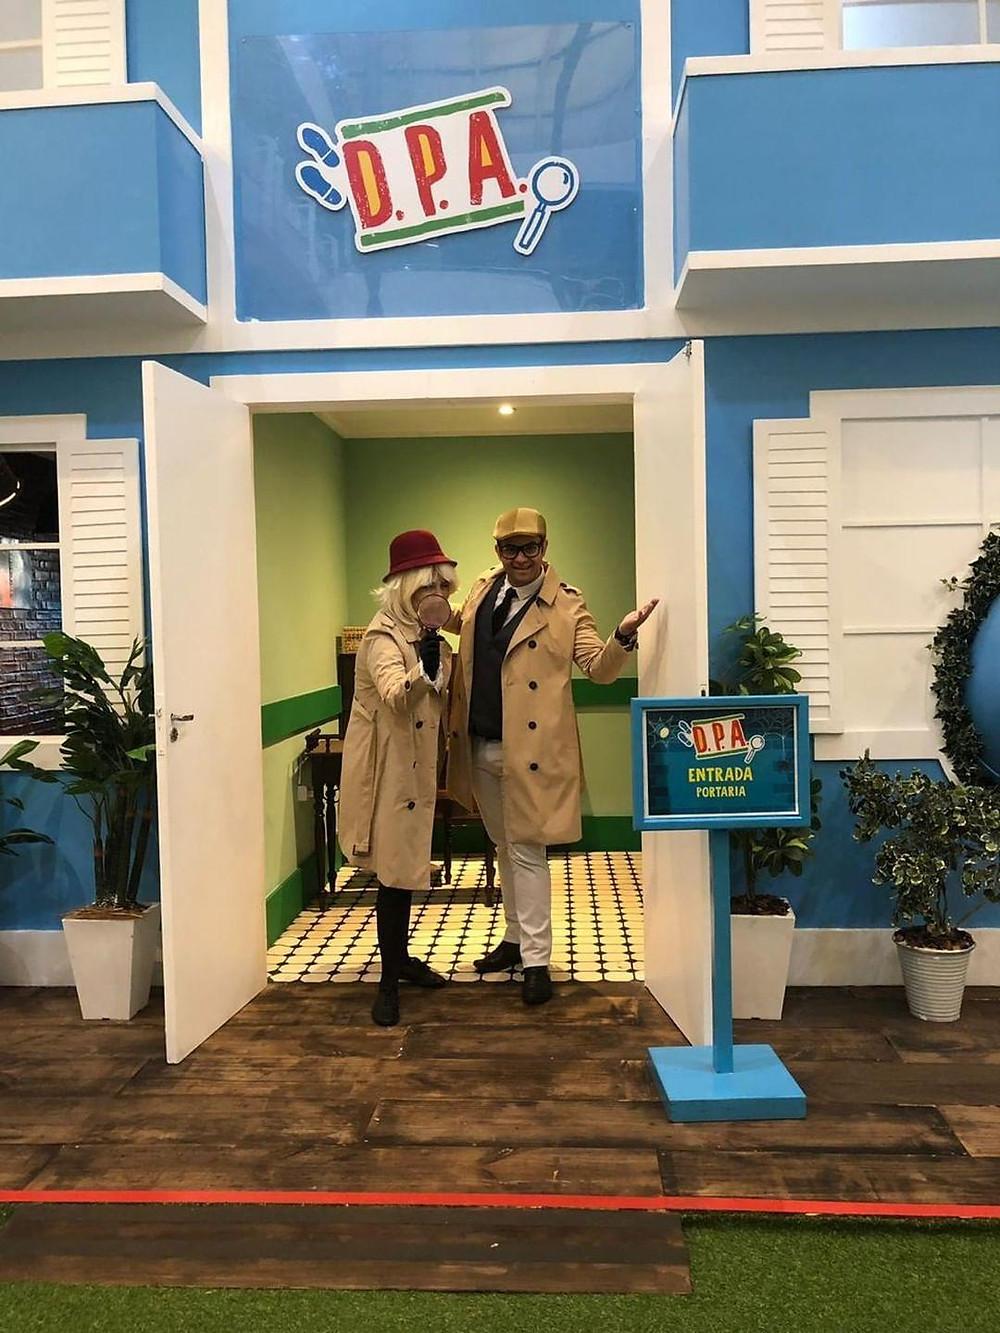 Detetives da Cia. Traquitana dão as boas-vindas no  Prédio Azul do Center Shopping